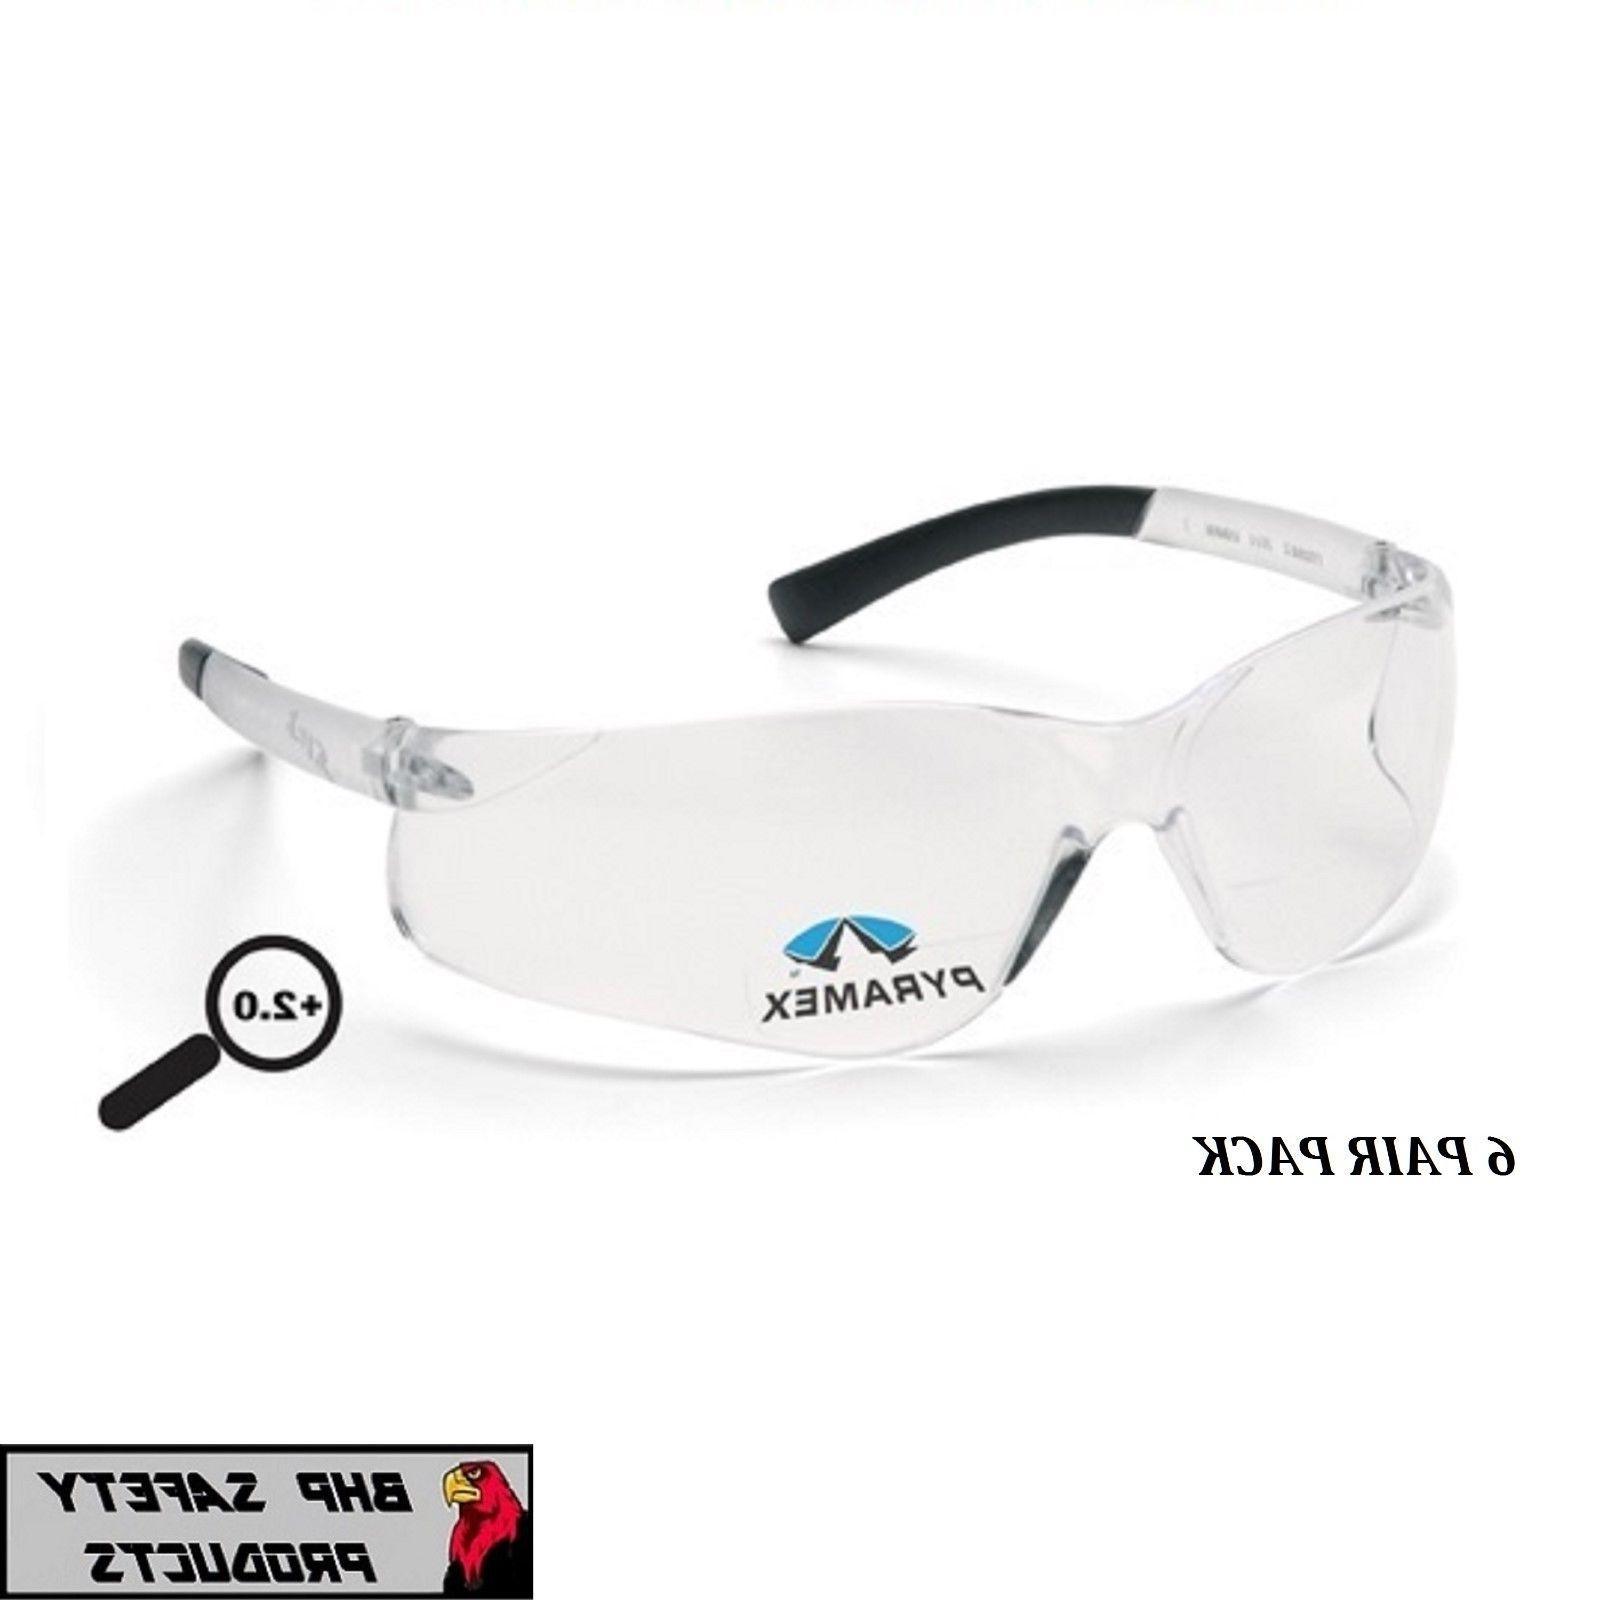 ztek reader safety glasses clear bifocal 2